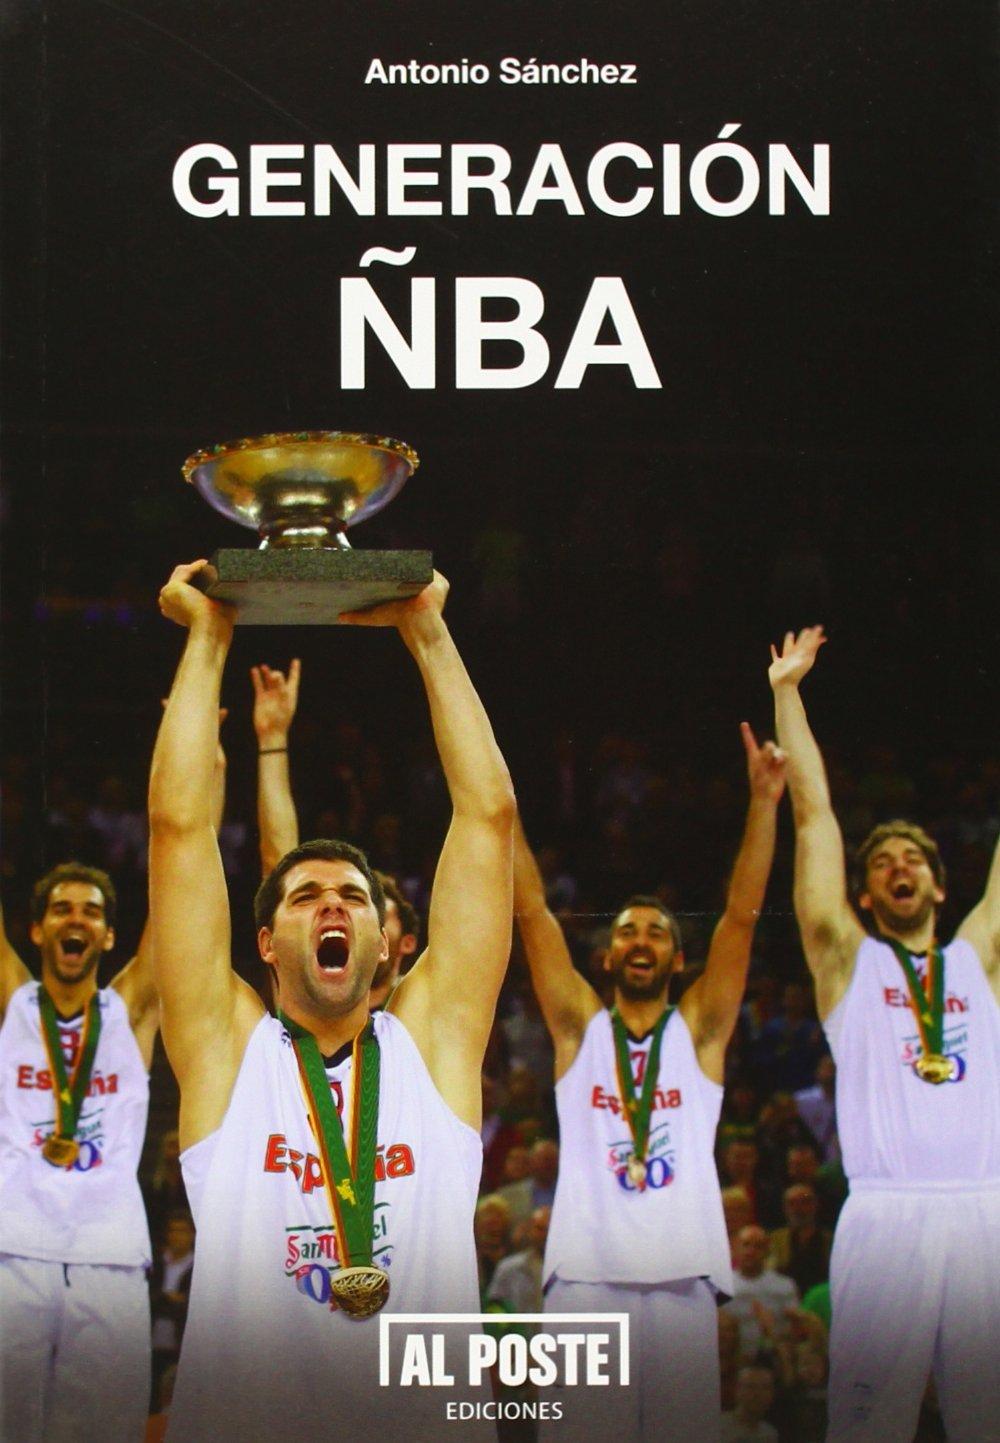 Generación ÑBA (Deportes - Futbol) Tapa blanda – 14 jul 2014 Antonio Sánchez Al Poste Ediciones 841572635X Basketball